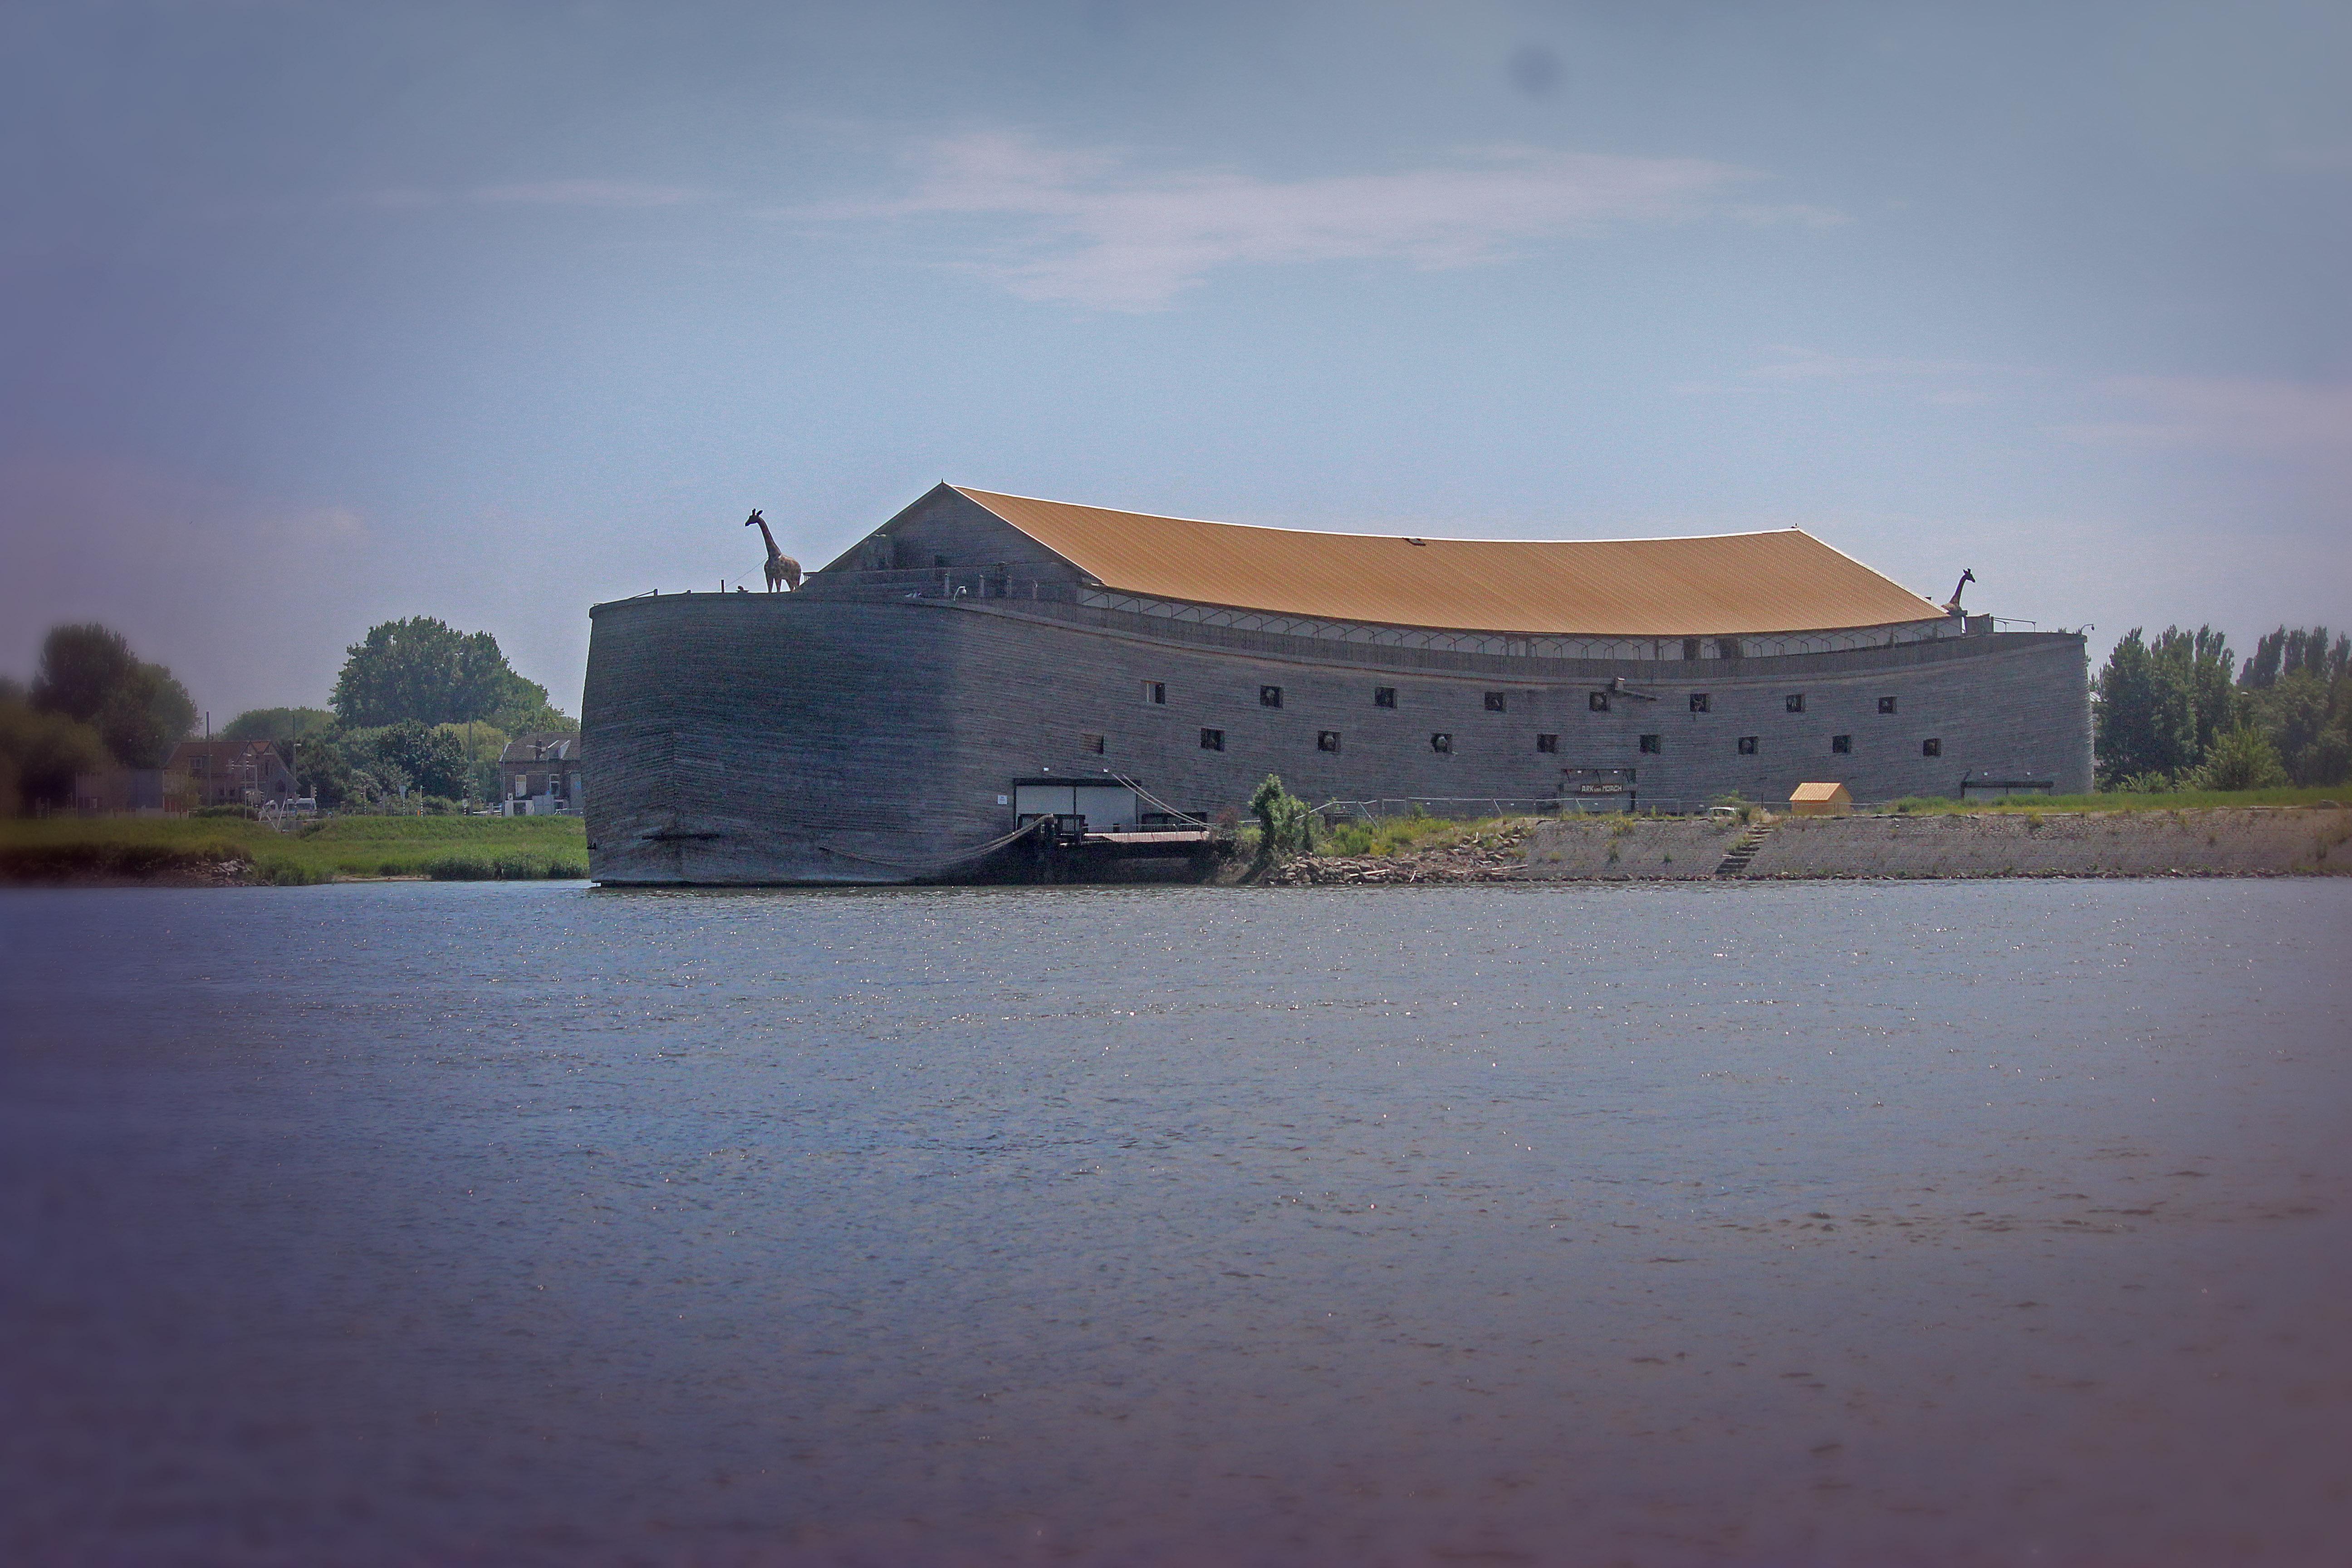 Some crazy dude rebuilt Noah's Ark in Dordrecht, Netherlands.